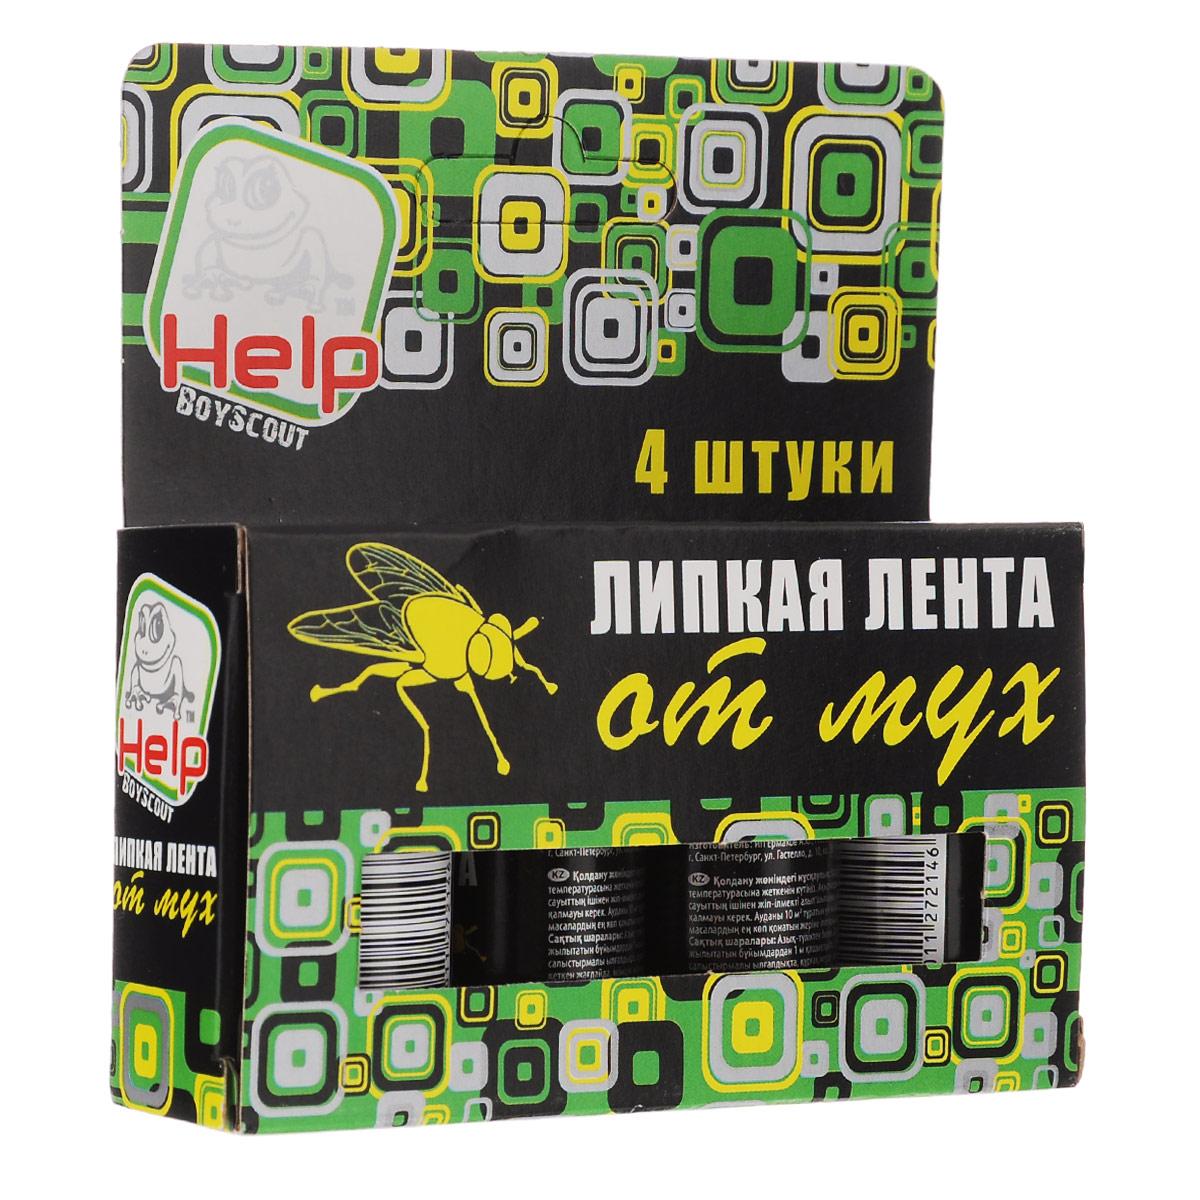 Липкая лента от мух BoyScout Help, 4 шт19201Липкая лента от мух BoyScout Help - это удобное и простое в использовании средство, которое надежно защитит вас и вашу семью от мух в закрытом помещении или значительно снизит их количество на открытом воздухе. Специальный аттрактант является привлекательной приманкой для мух, что делает липкие ленты Help наиболее эффективными. Не содержит веществ, опасных для людей и домашних животных. Для помещения площадью 10 м2 требуется 2-3 липучки.